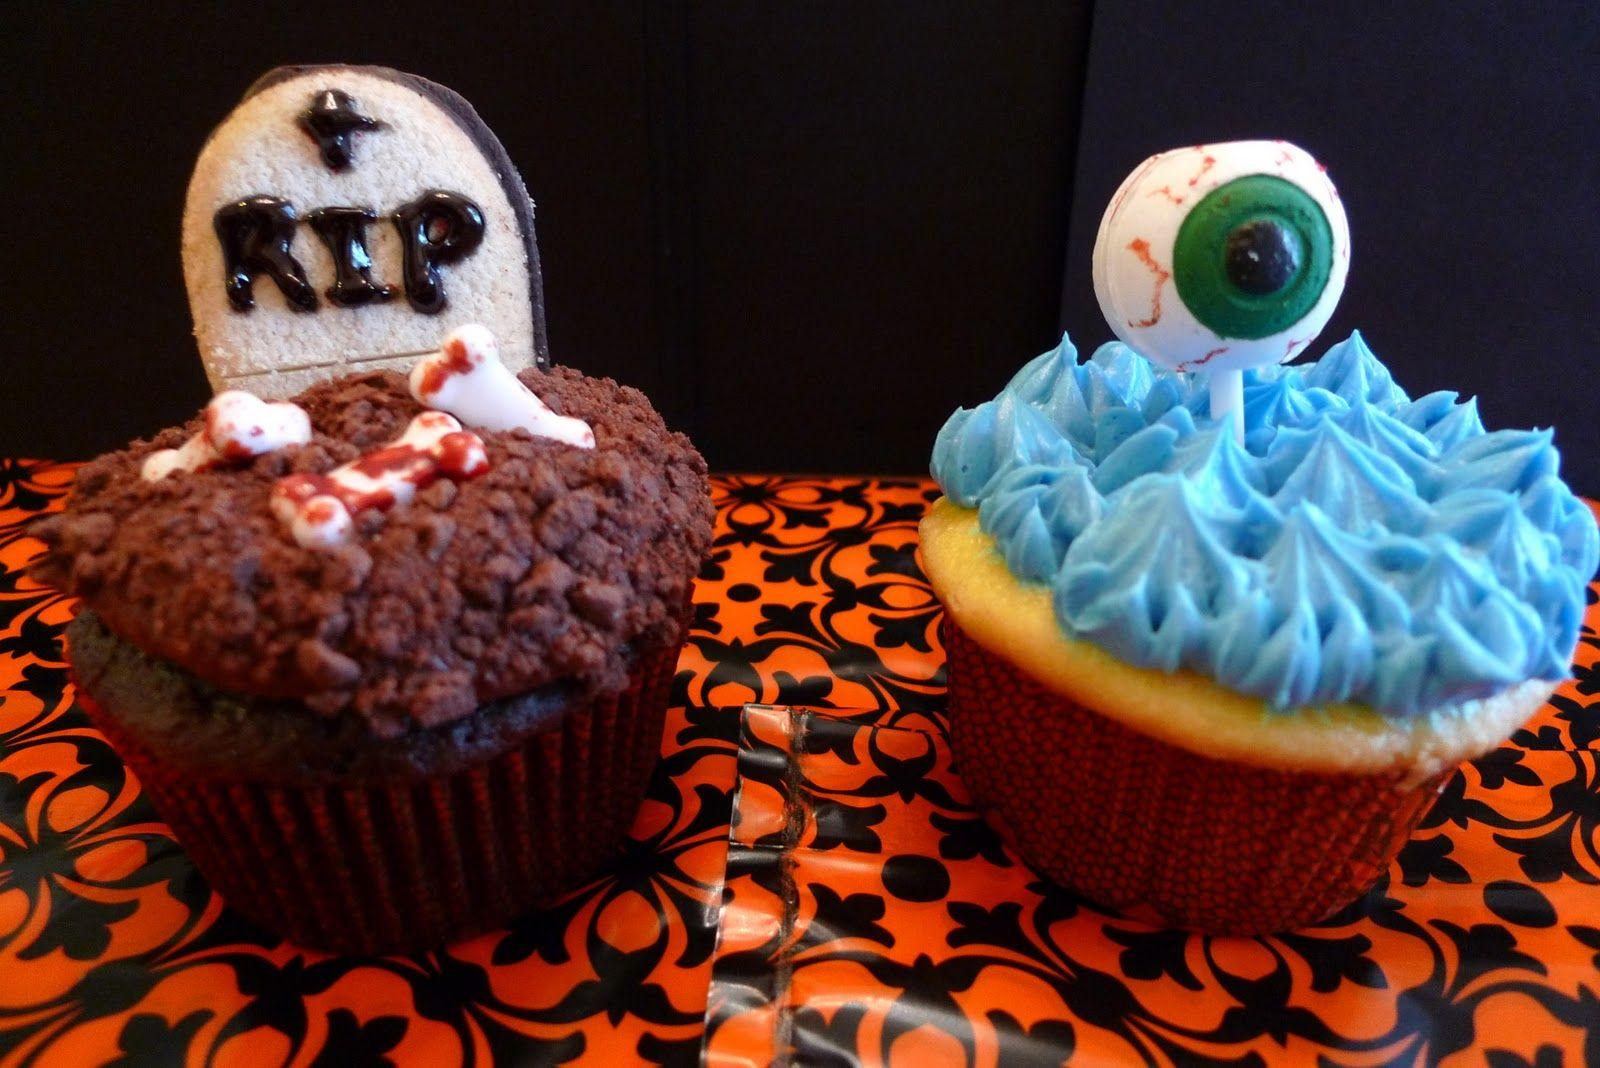 Künstlerisch Halloween Cupcakes Rezepte Sammlung Von My Spooky Now Up At Www.ungerhungerreview!